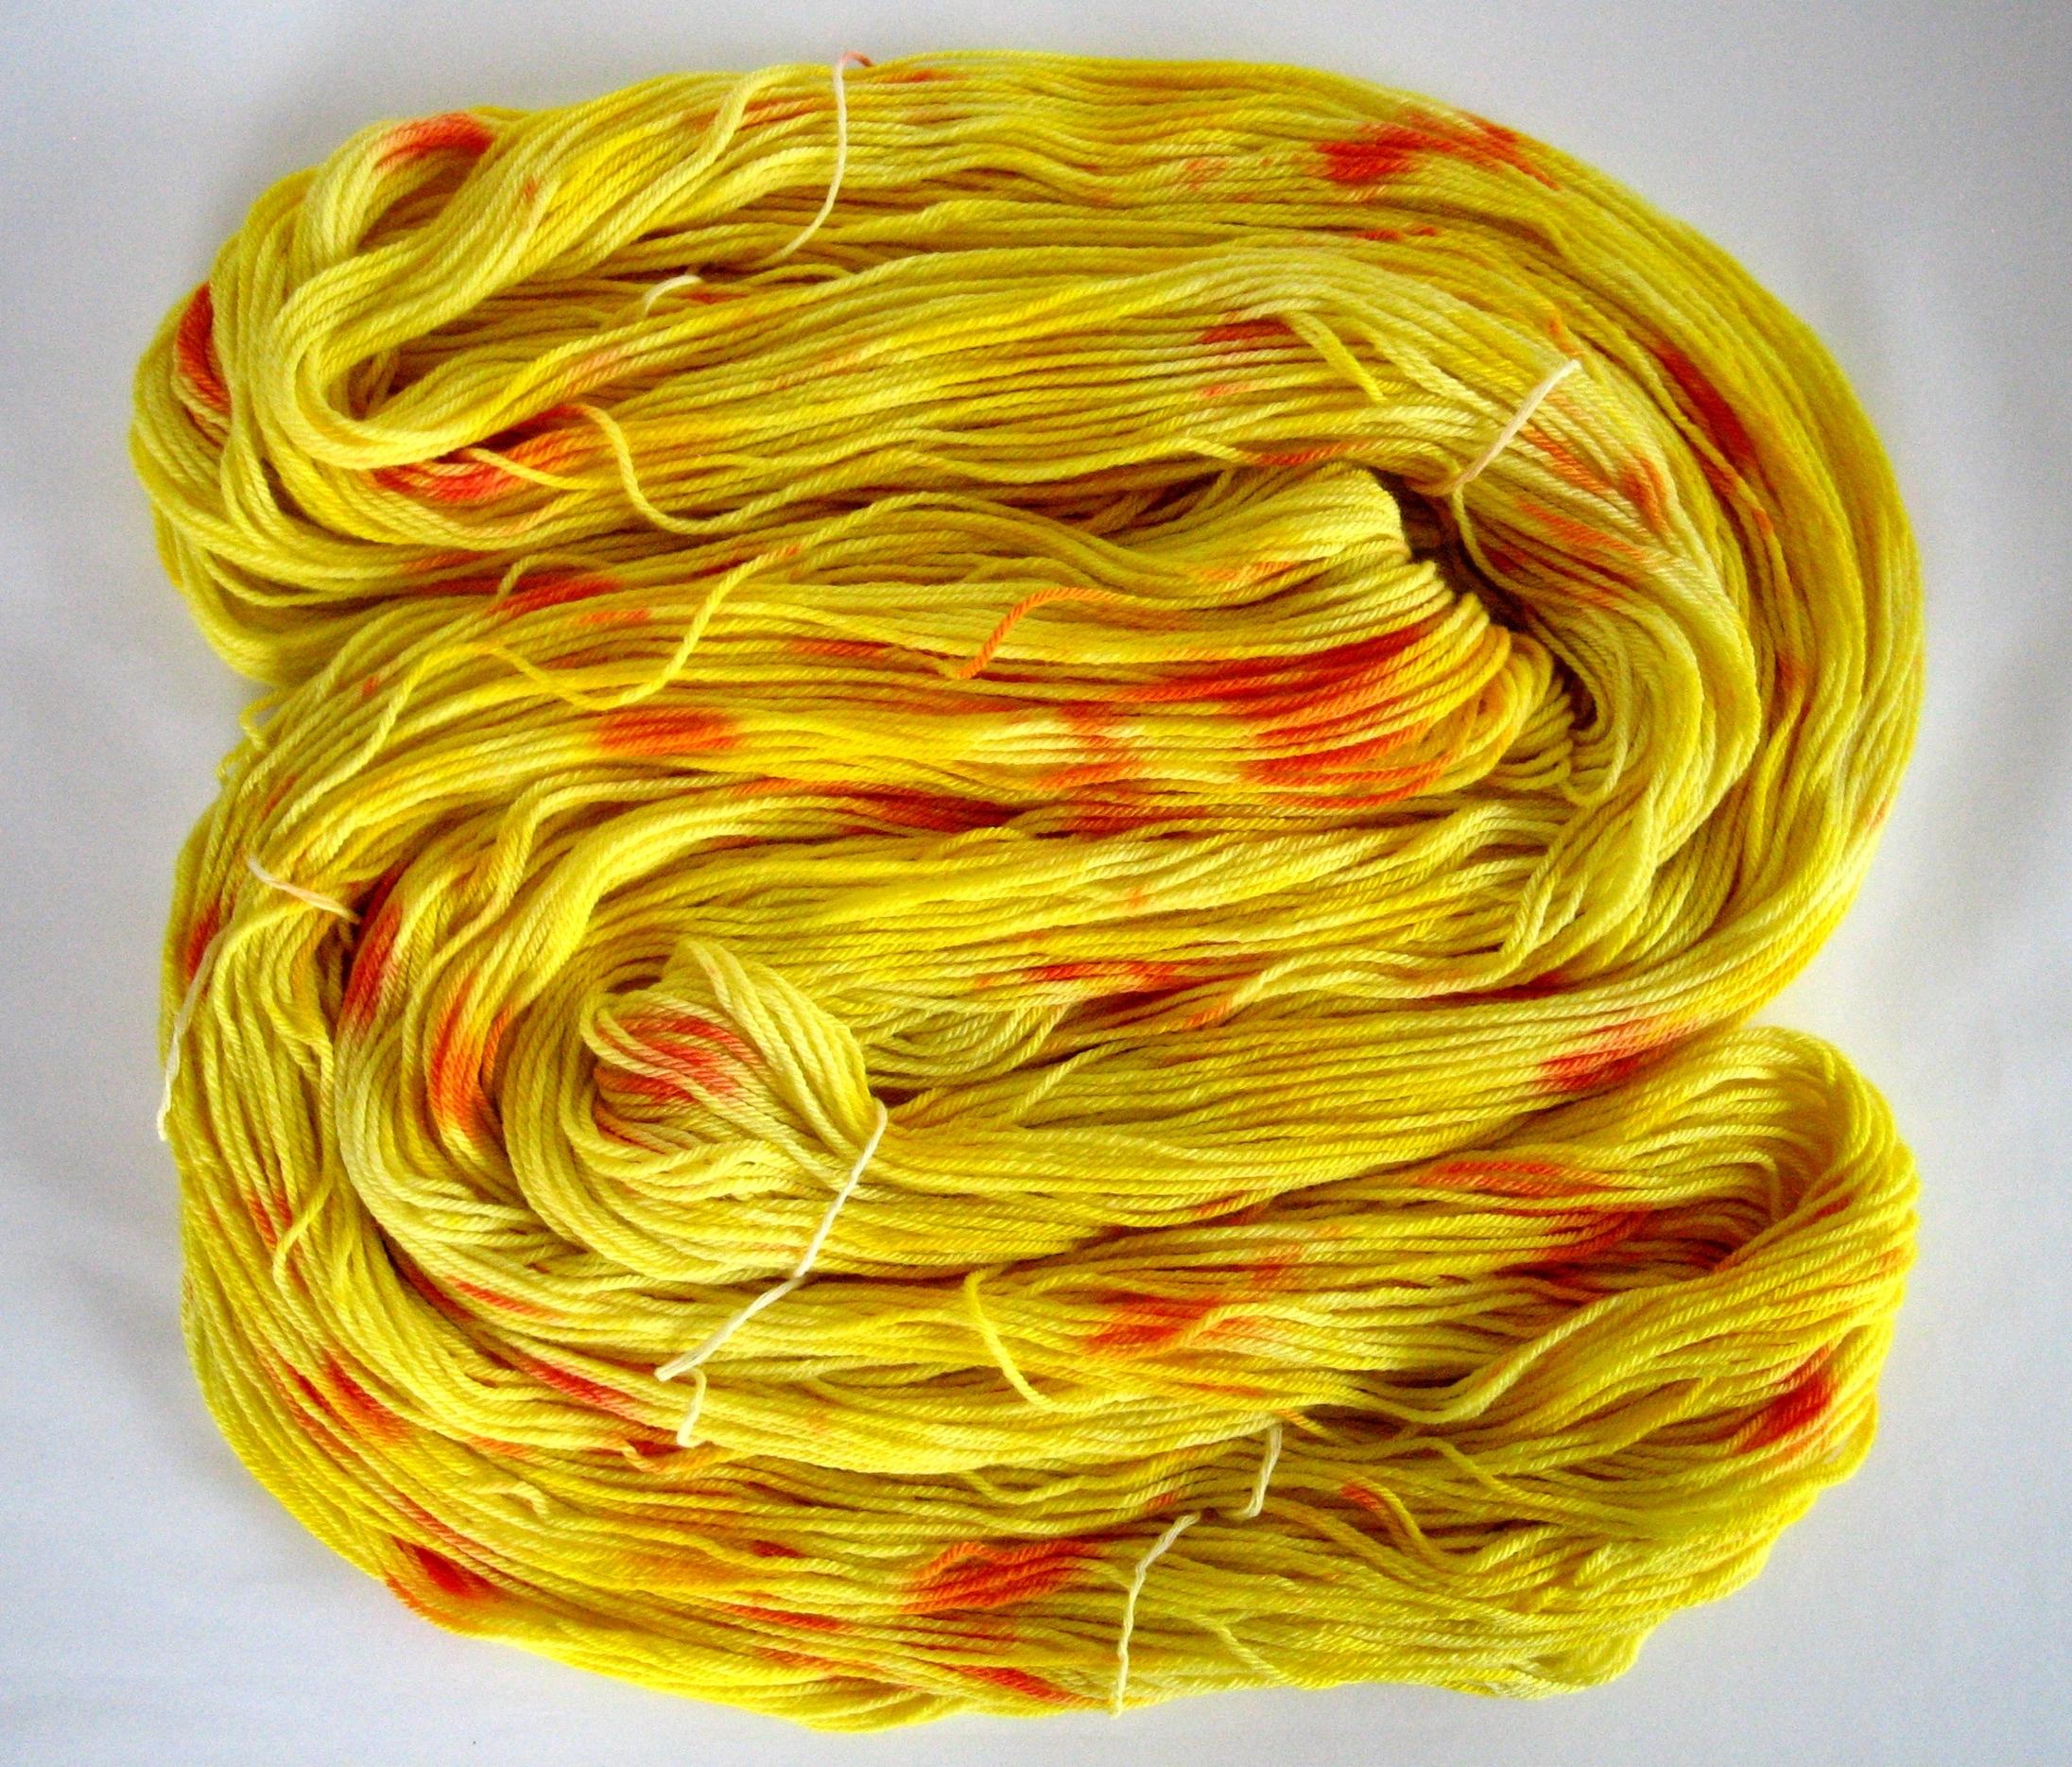 garnyarn-håndfarvet-garn-mellem-merinould-baeredygtig-gul